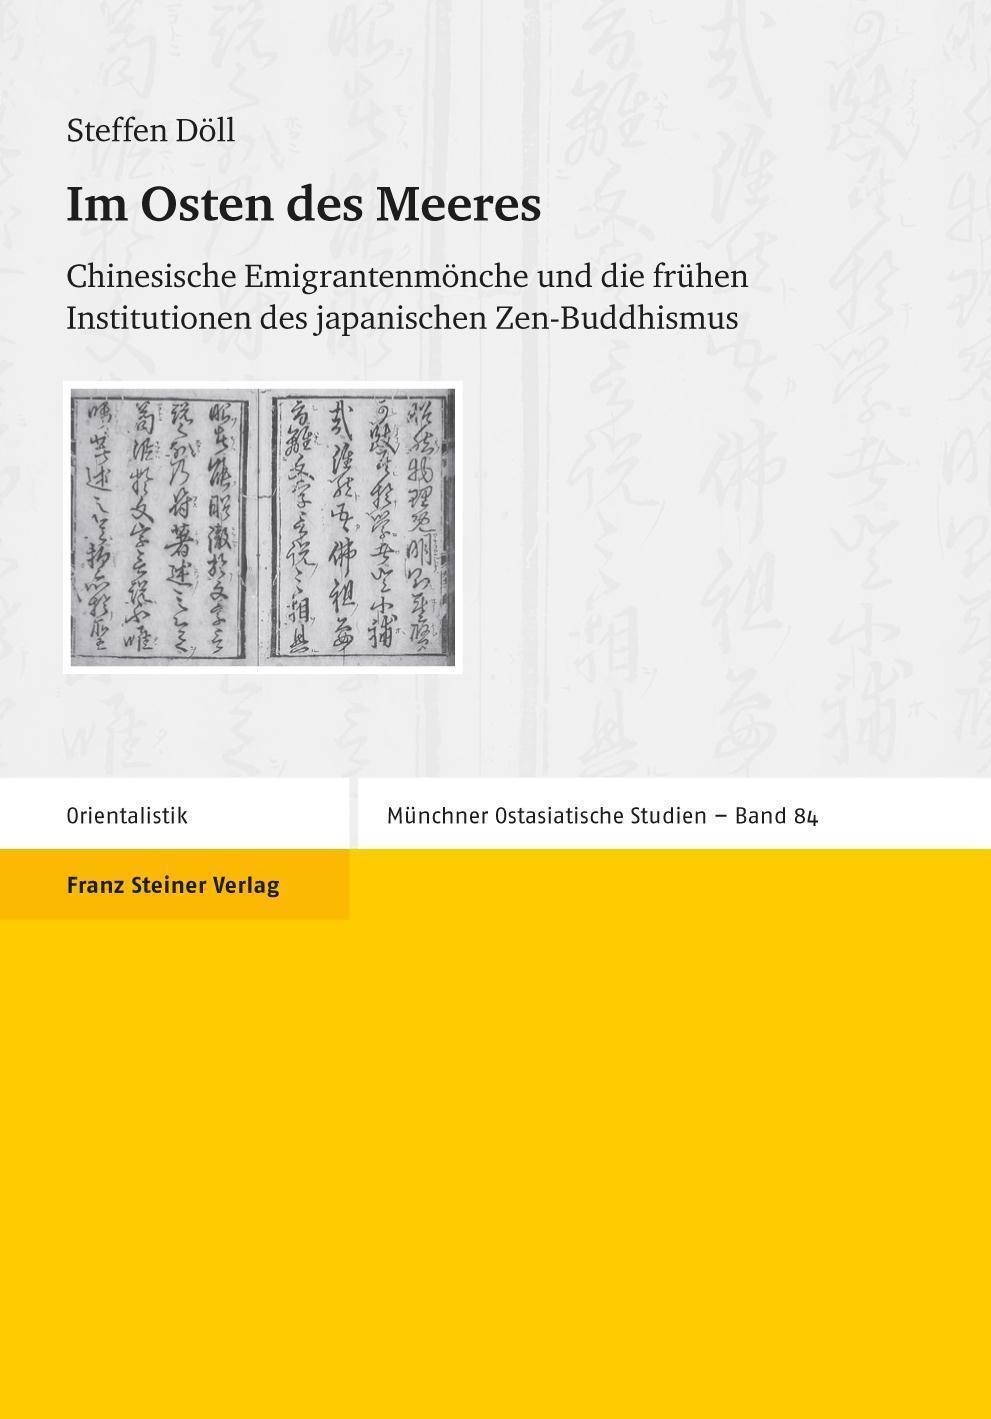 Im Osten des Meeres Chinesische Emigrantenmönche und die frühen Institutionen des japanischen Zen-Buddhismus